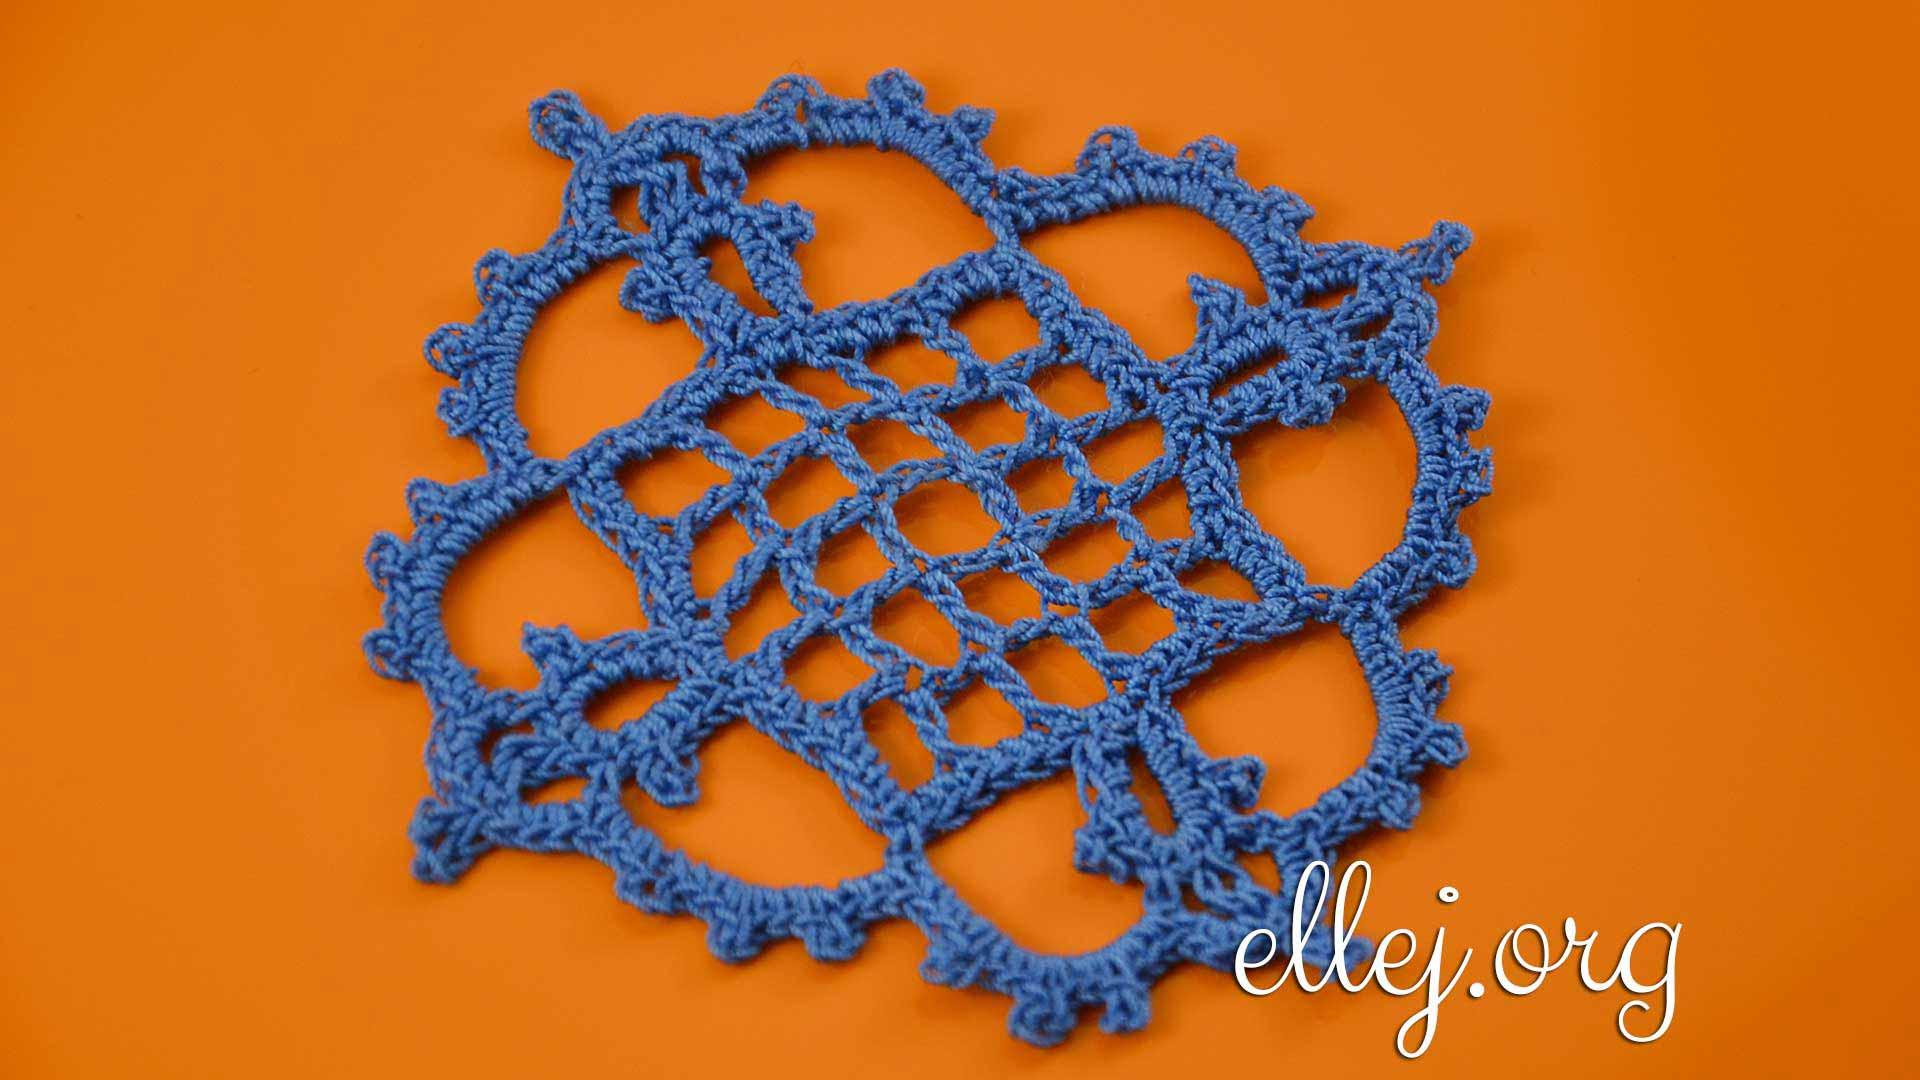 Crochet lace square motif free crochet tutorials instructions home motifs crochet lace square motif motifs bankloansurffo Gallery